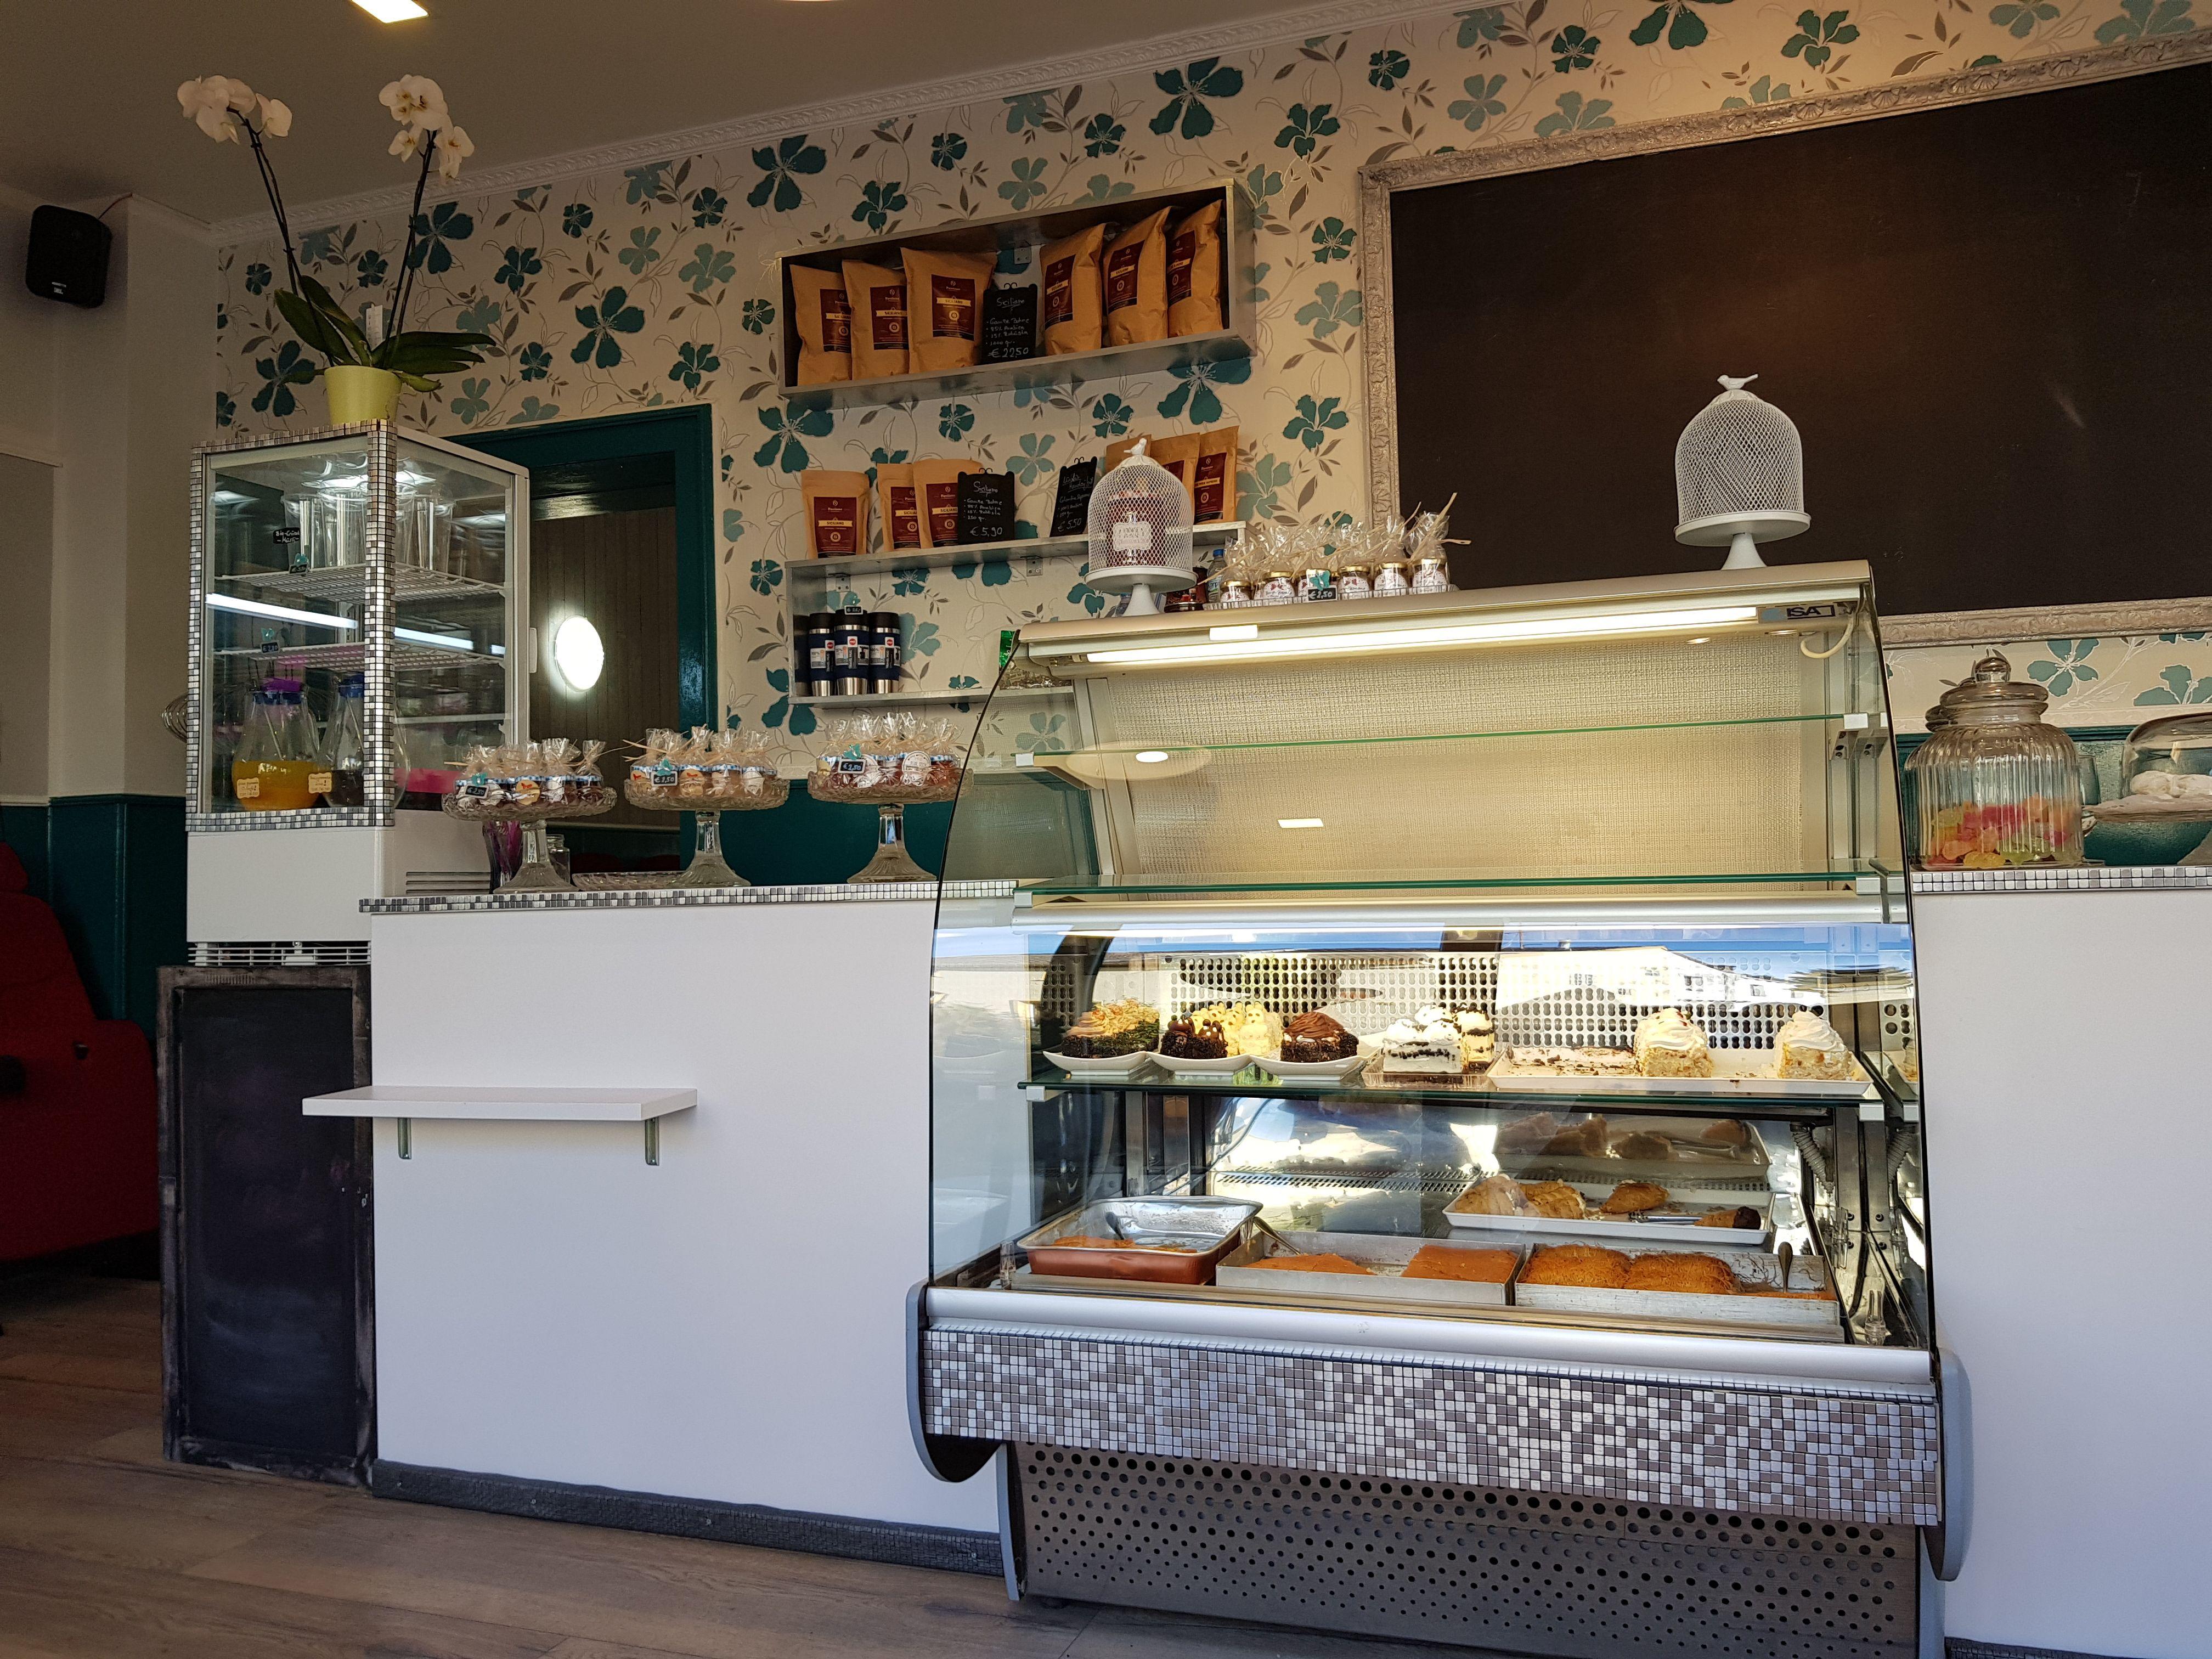 Eveand Cafe Neu Im Noppdorf Viersen Eveandcafe Noppdorf Viersen Geniessen Diatvergessen Zurruhefinden Cafe Kuchen Griechischeku Cafe Geniessen Noppen